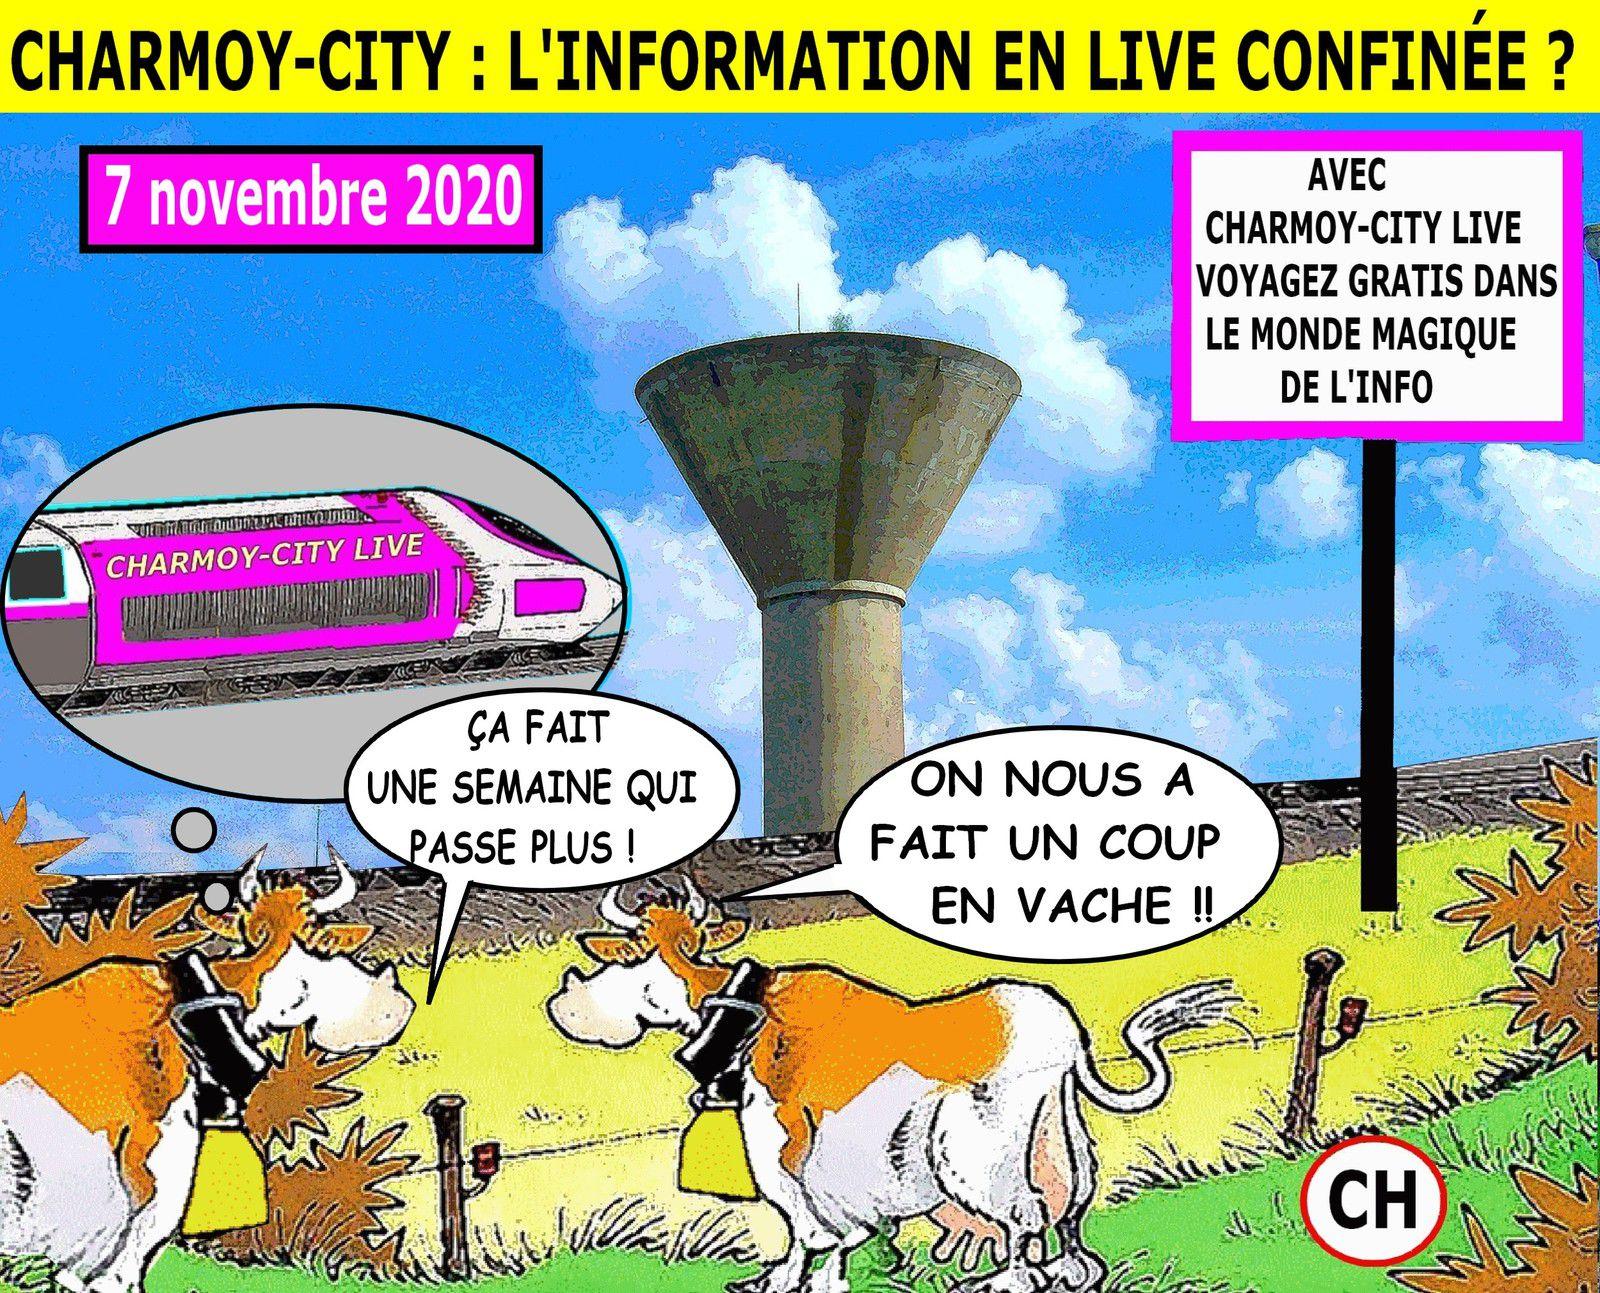 Charmoy-City, l'information en live confinée.jpg